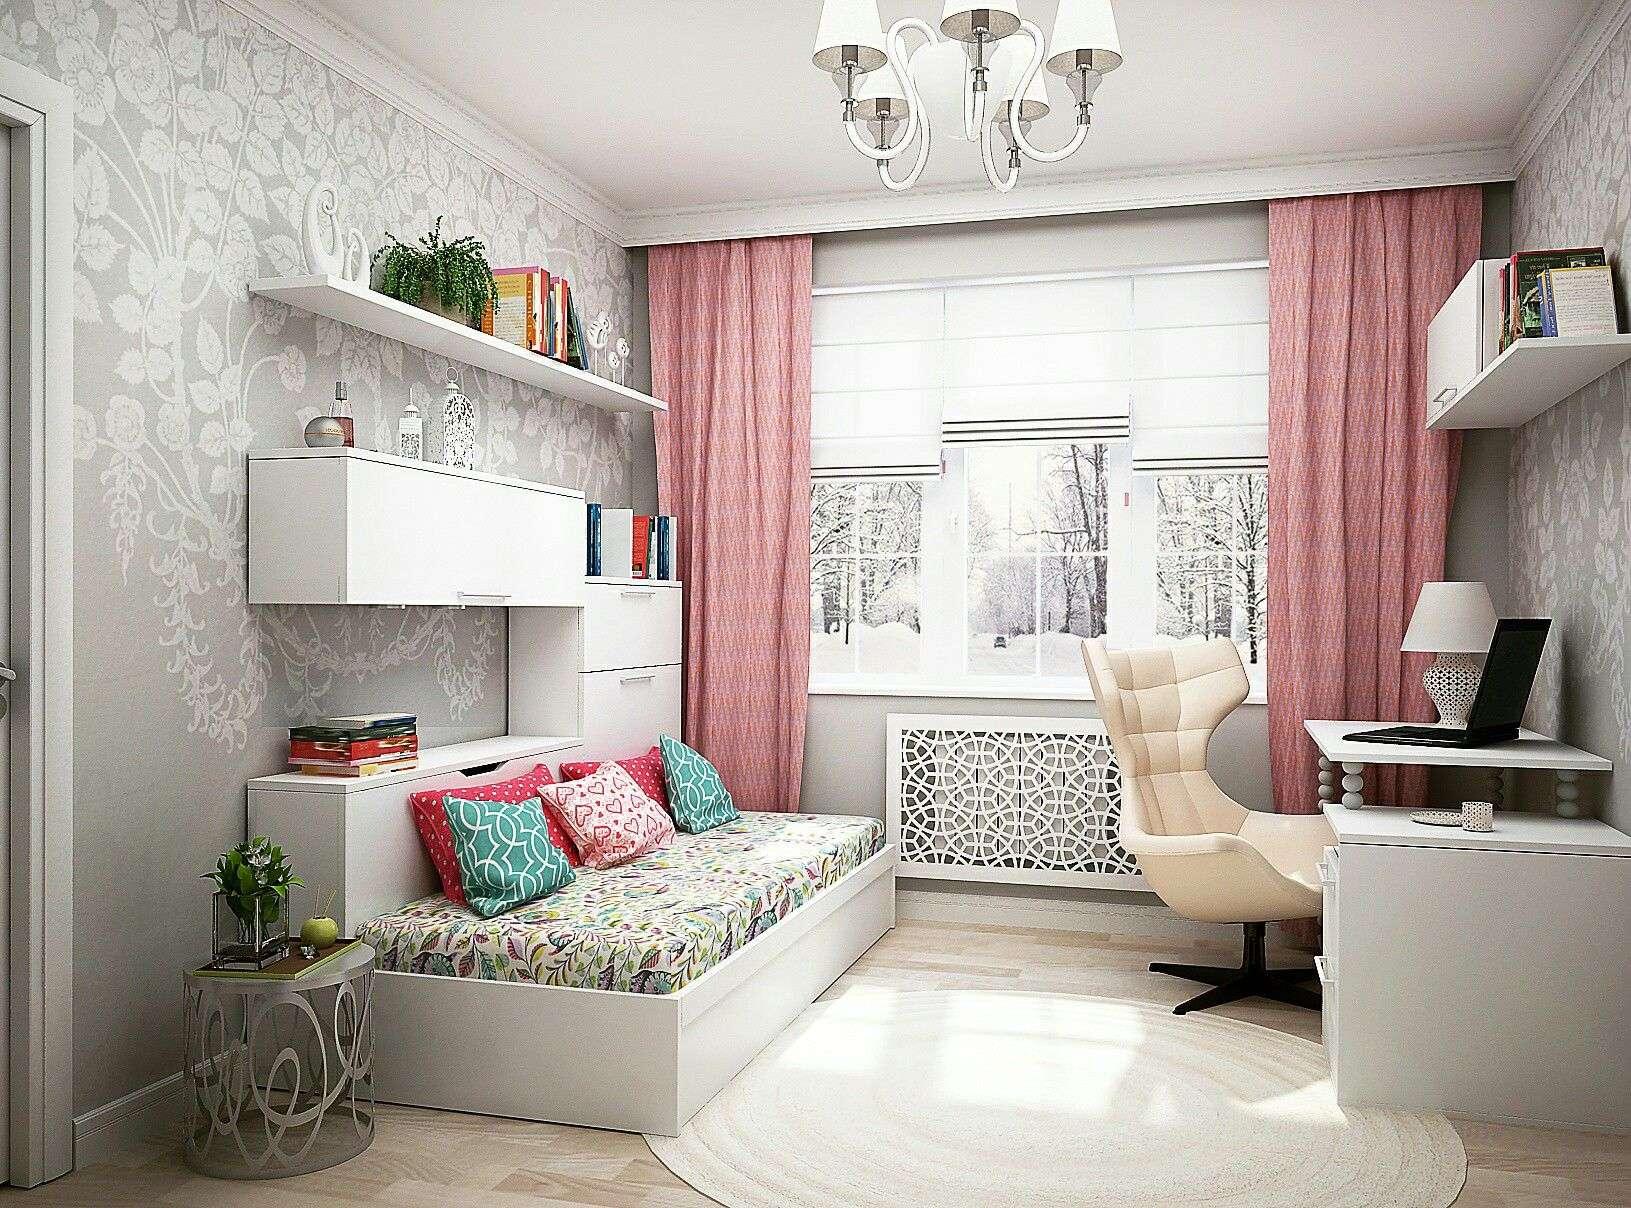 Сдача комнаты в аренду: плюсы и минусы